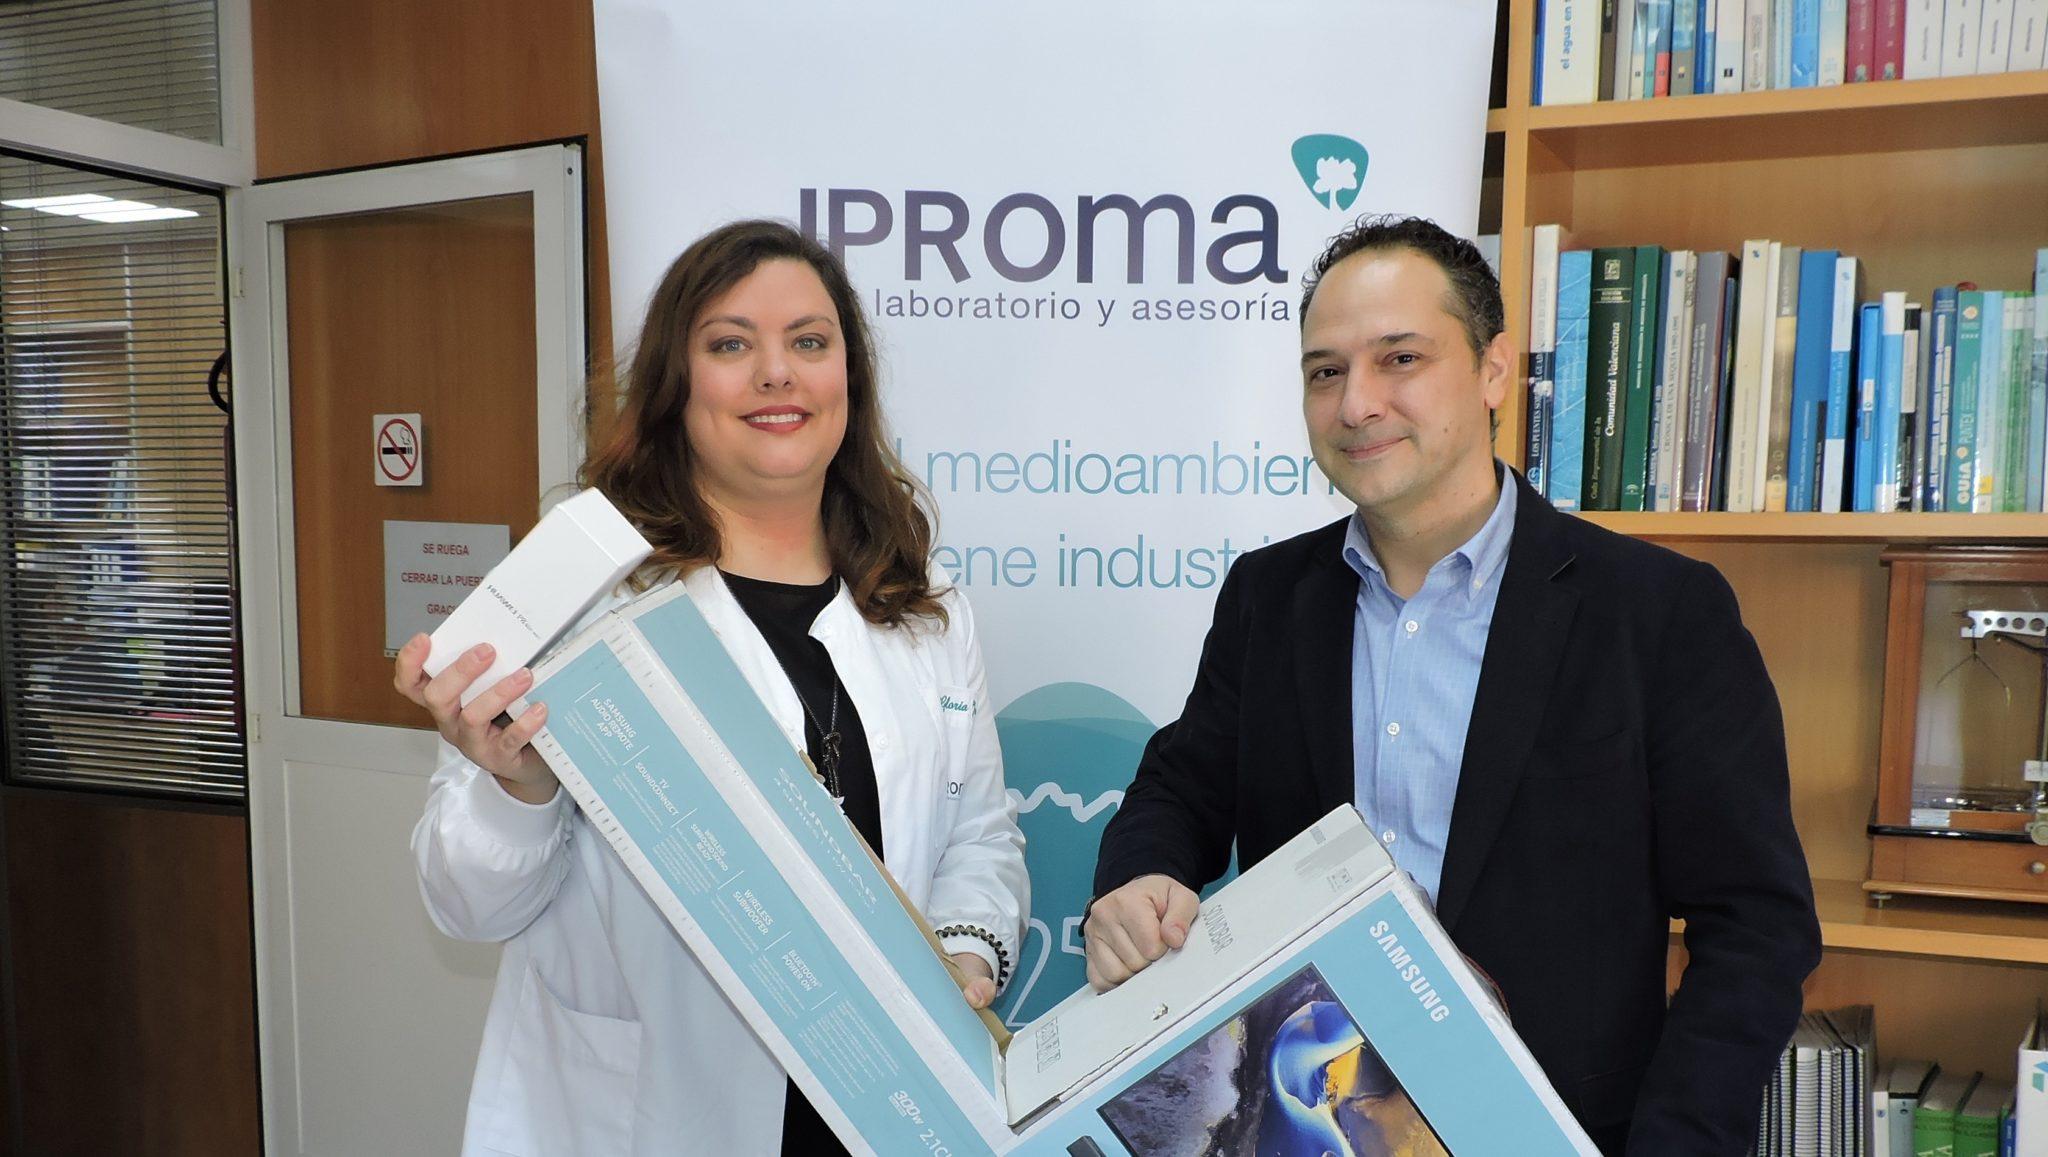 https://www.iproma.com/es/iproma-premia-las-mejores-ideas-y-sugerencias-de-sus-empleados/